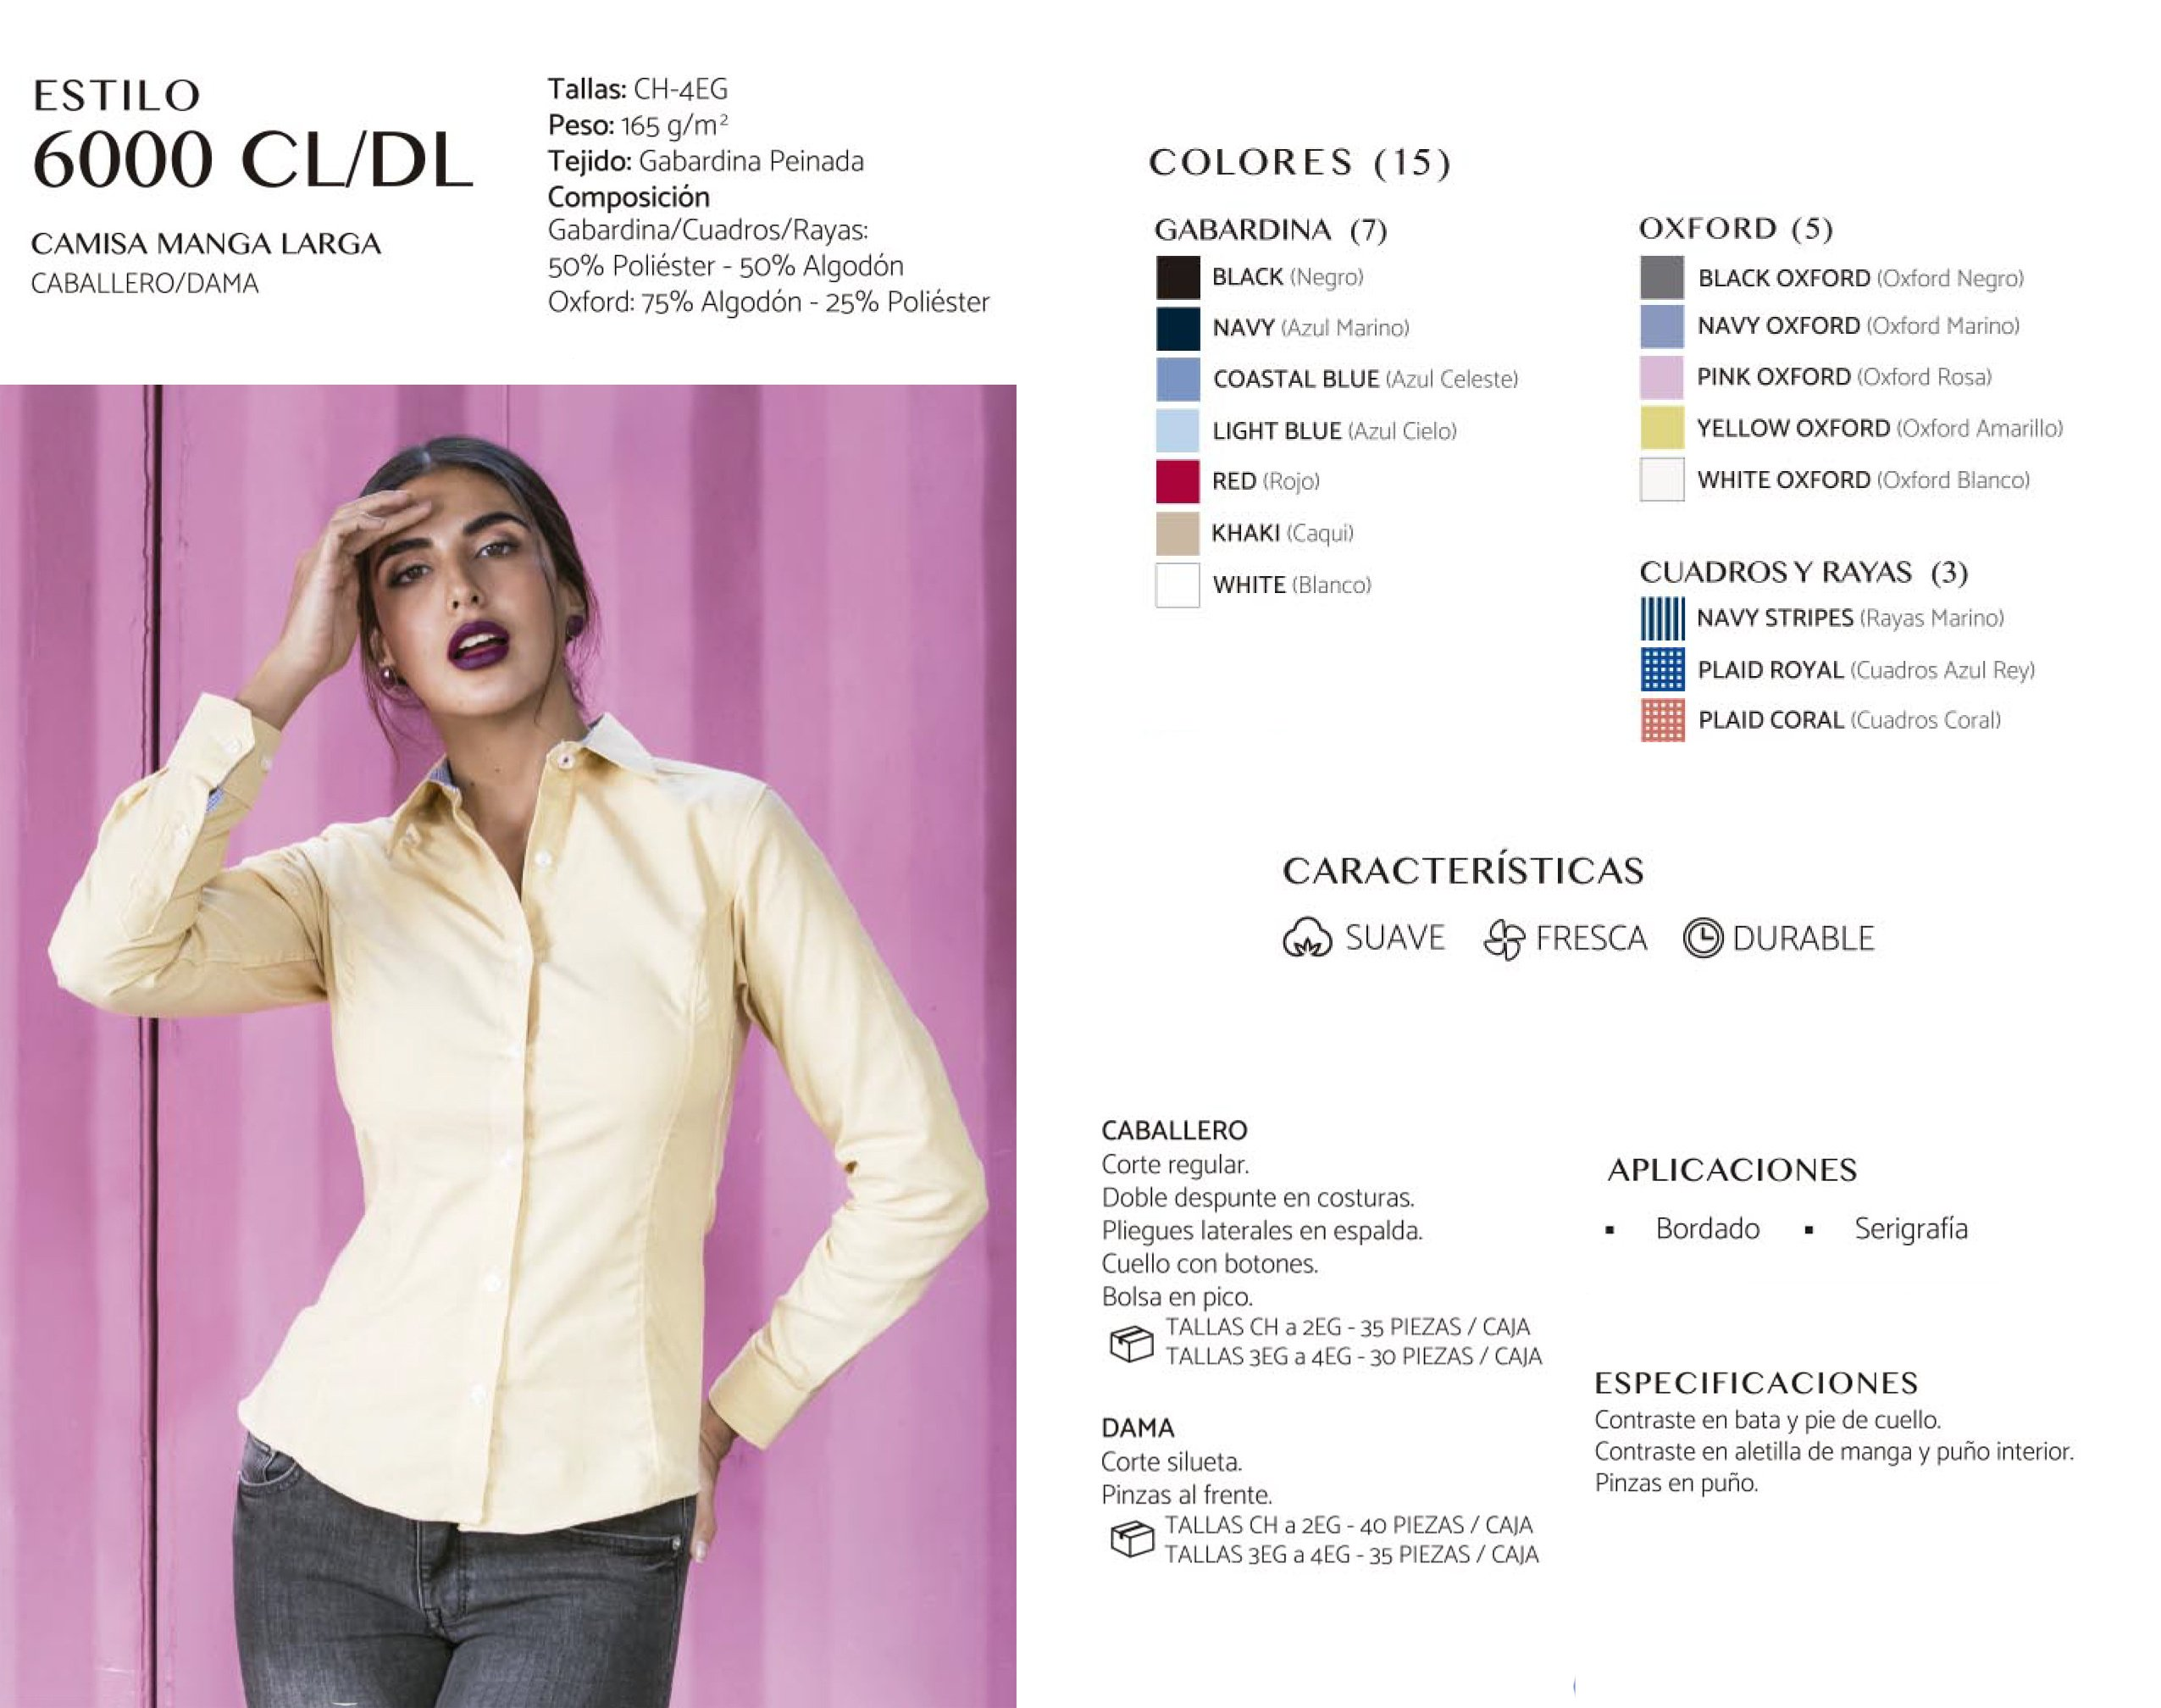 Camisa  Manga Larga  6000 CL/DL